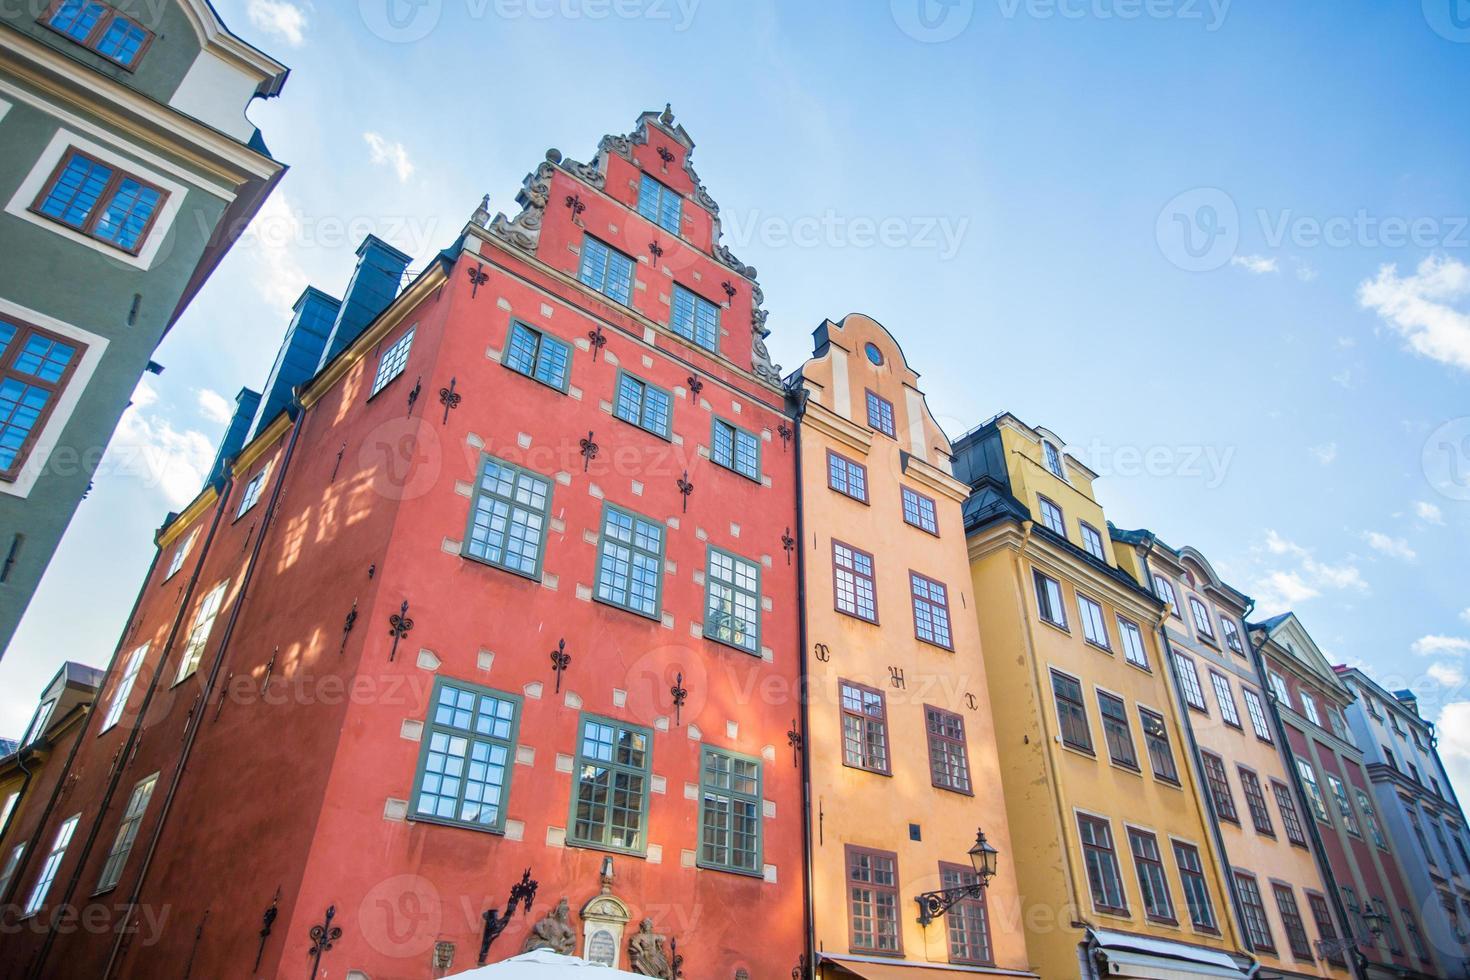 bunte Häuser in der Stockholmer Altstadt foto